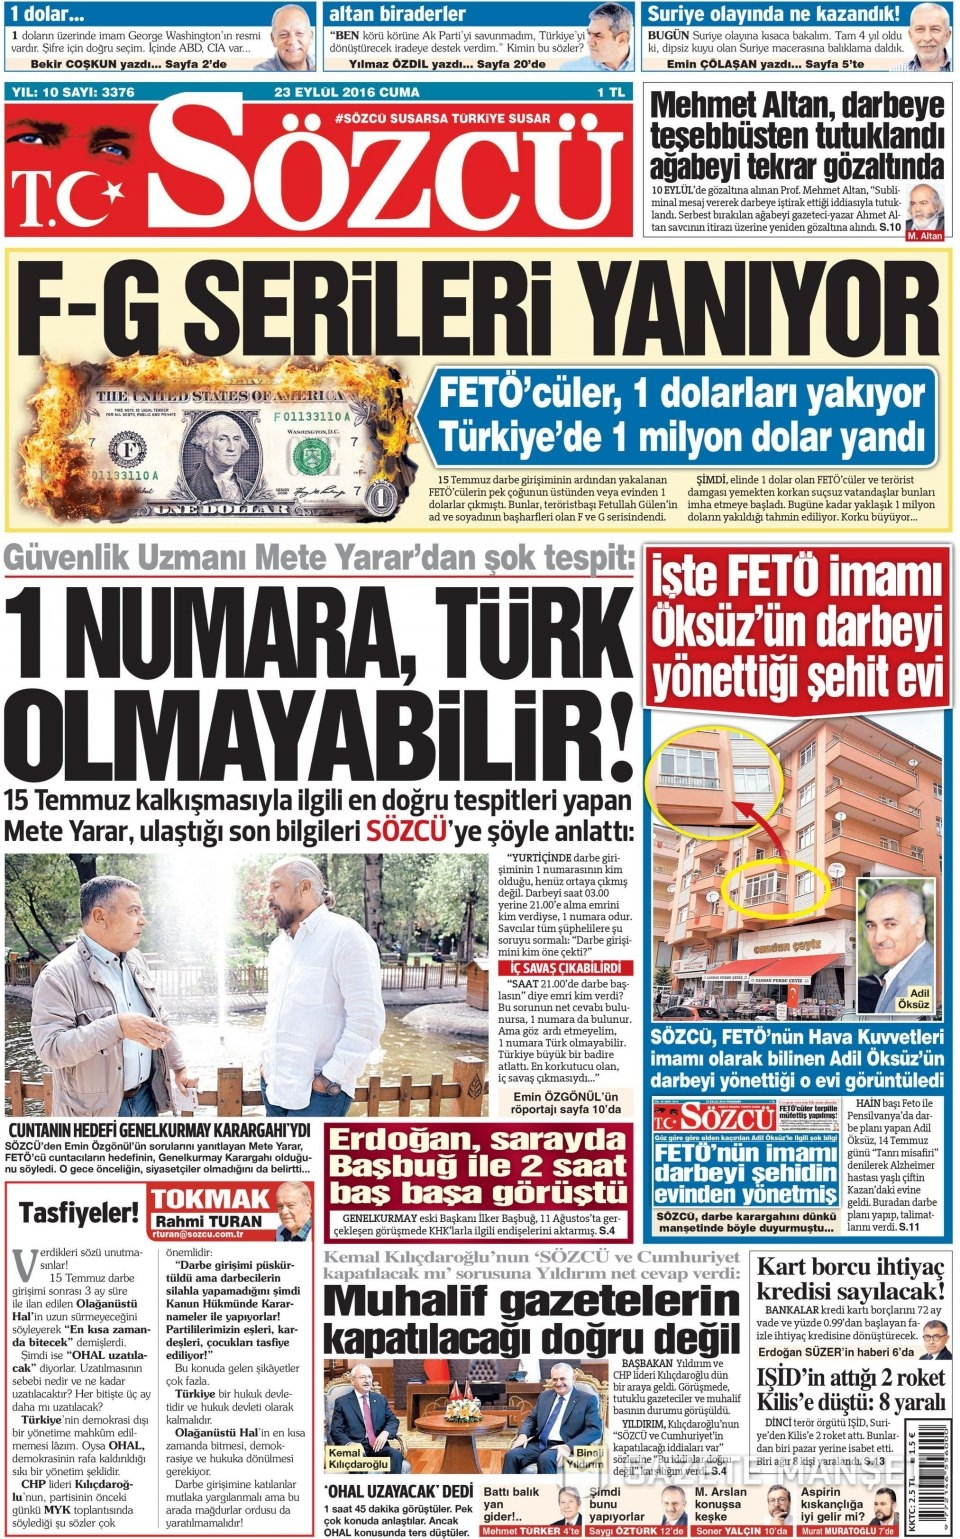 23 Eylül Cuma gazete manşetleri 15